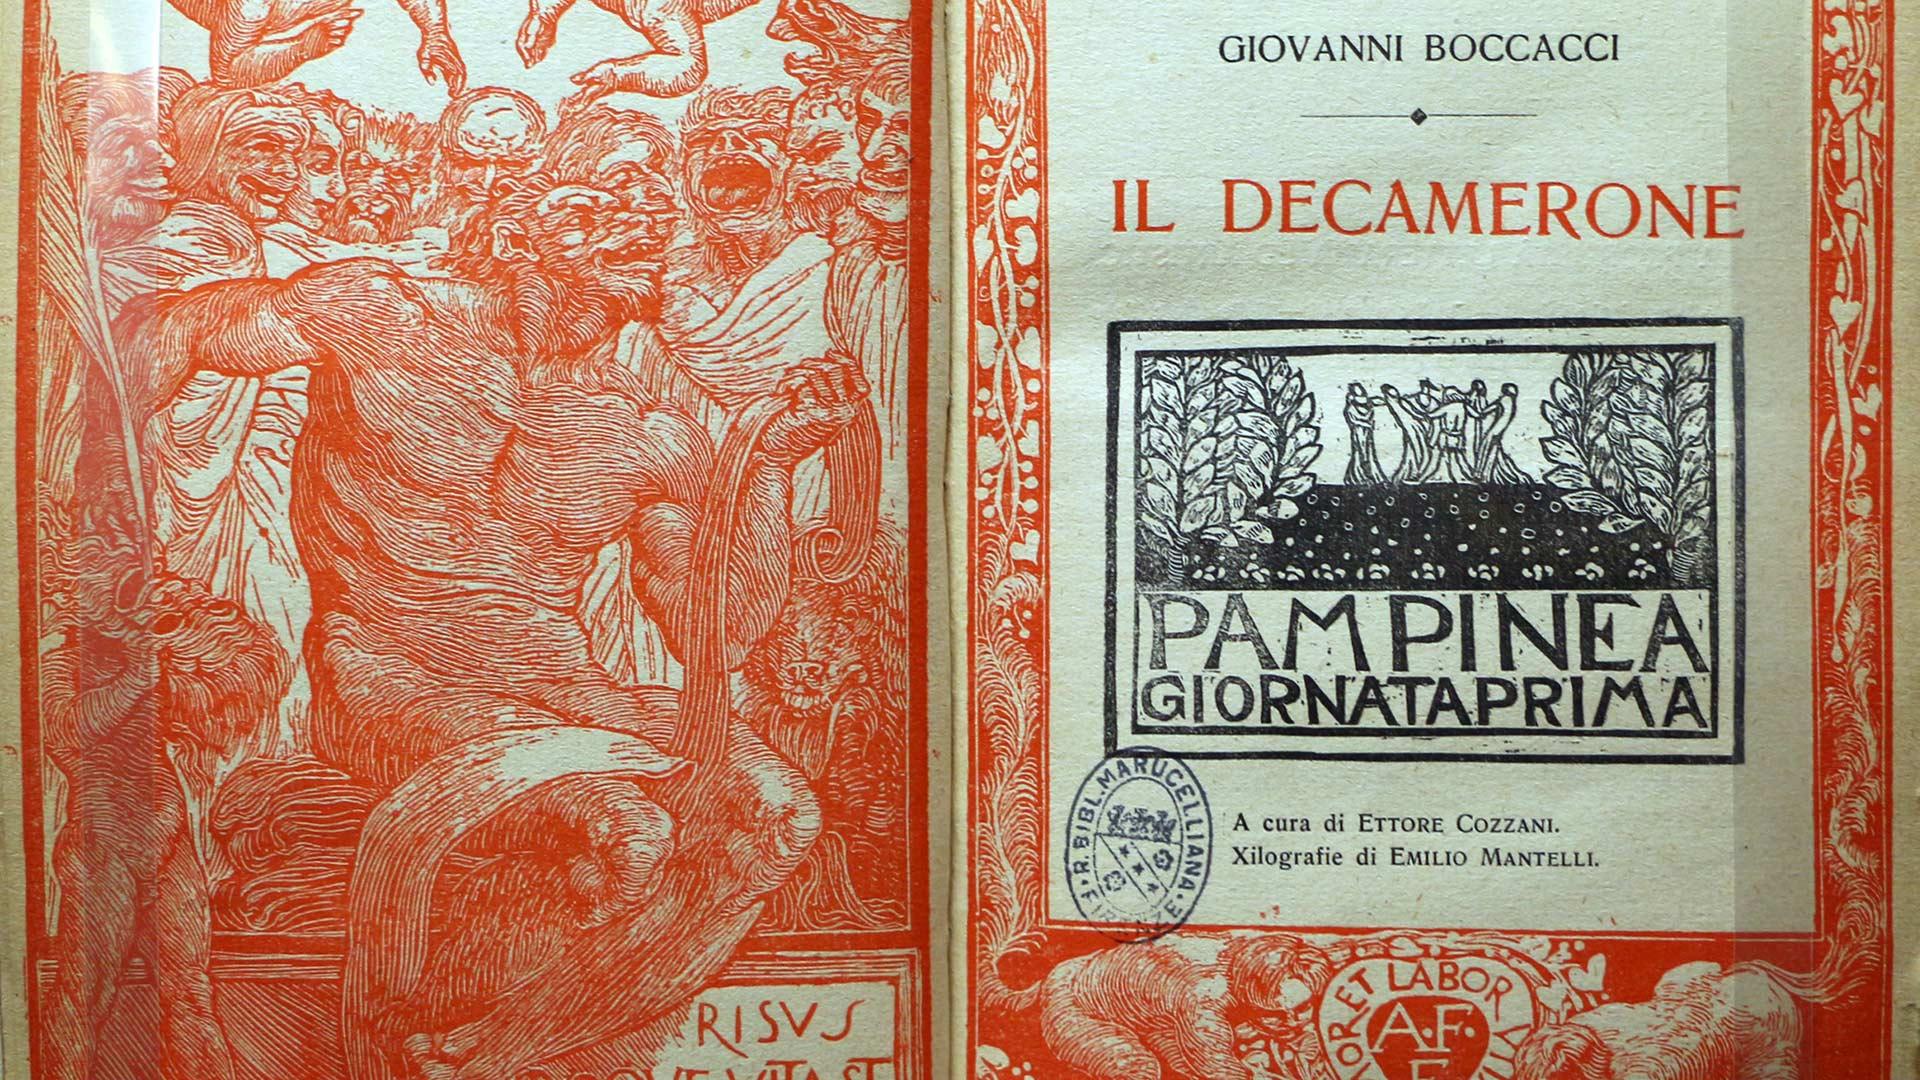 giovanni boccaccio book